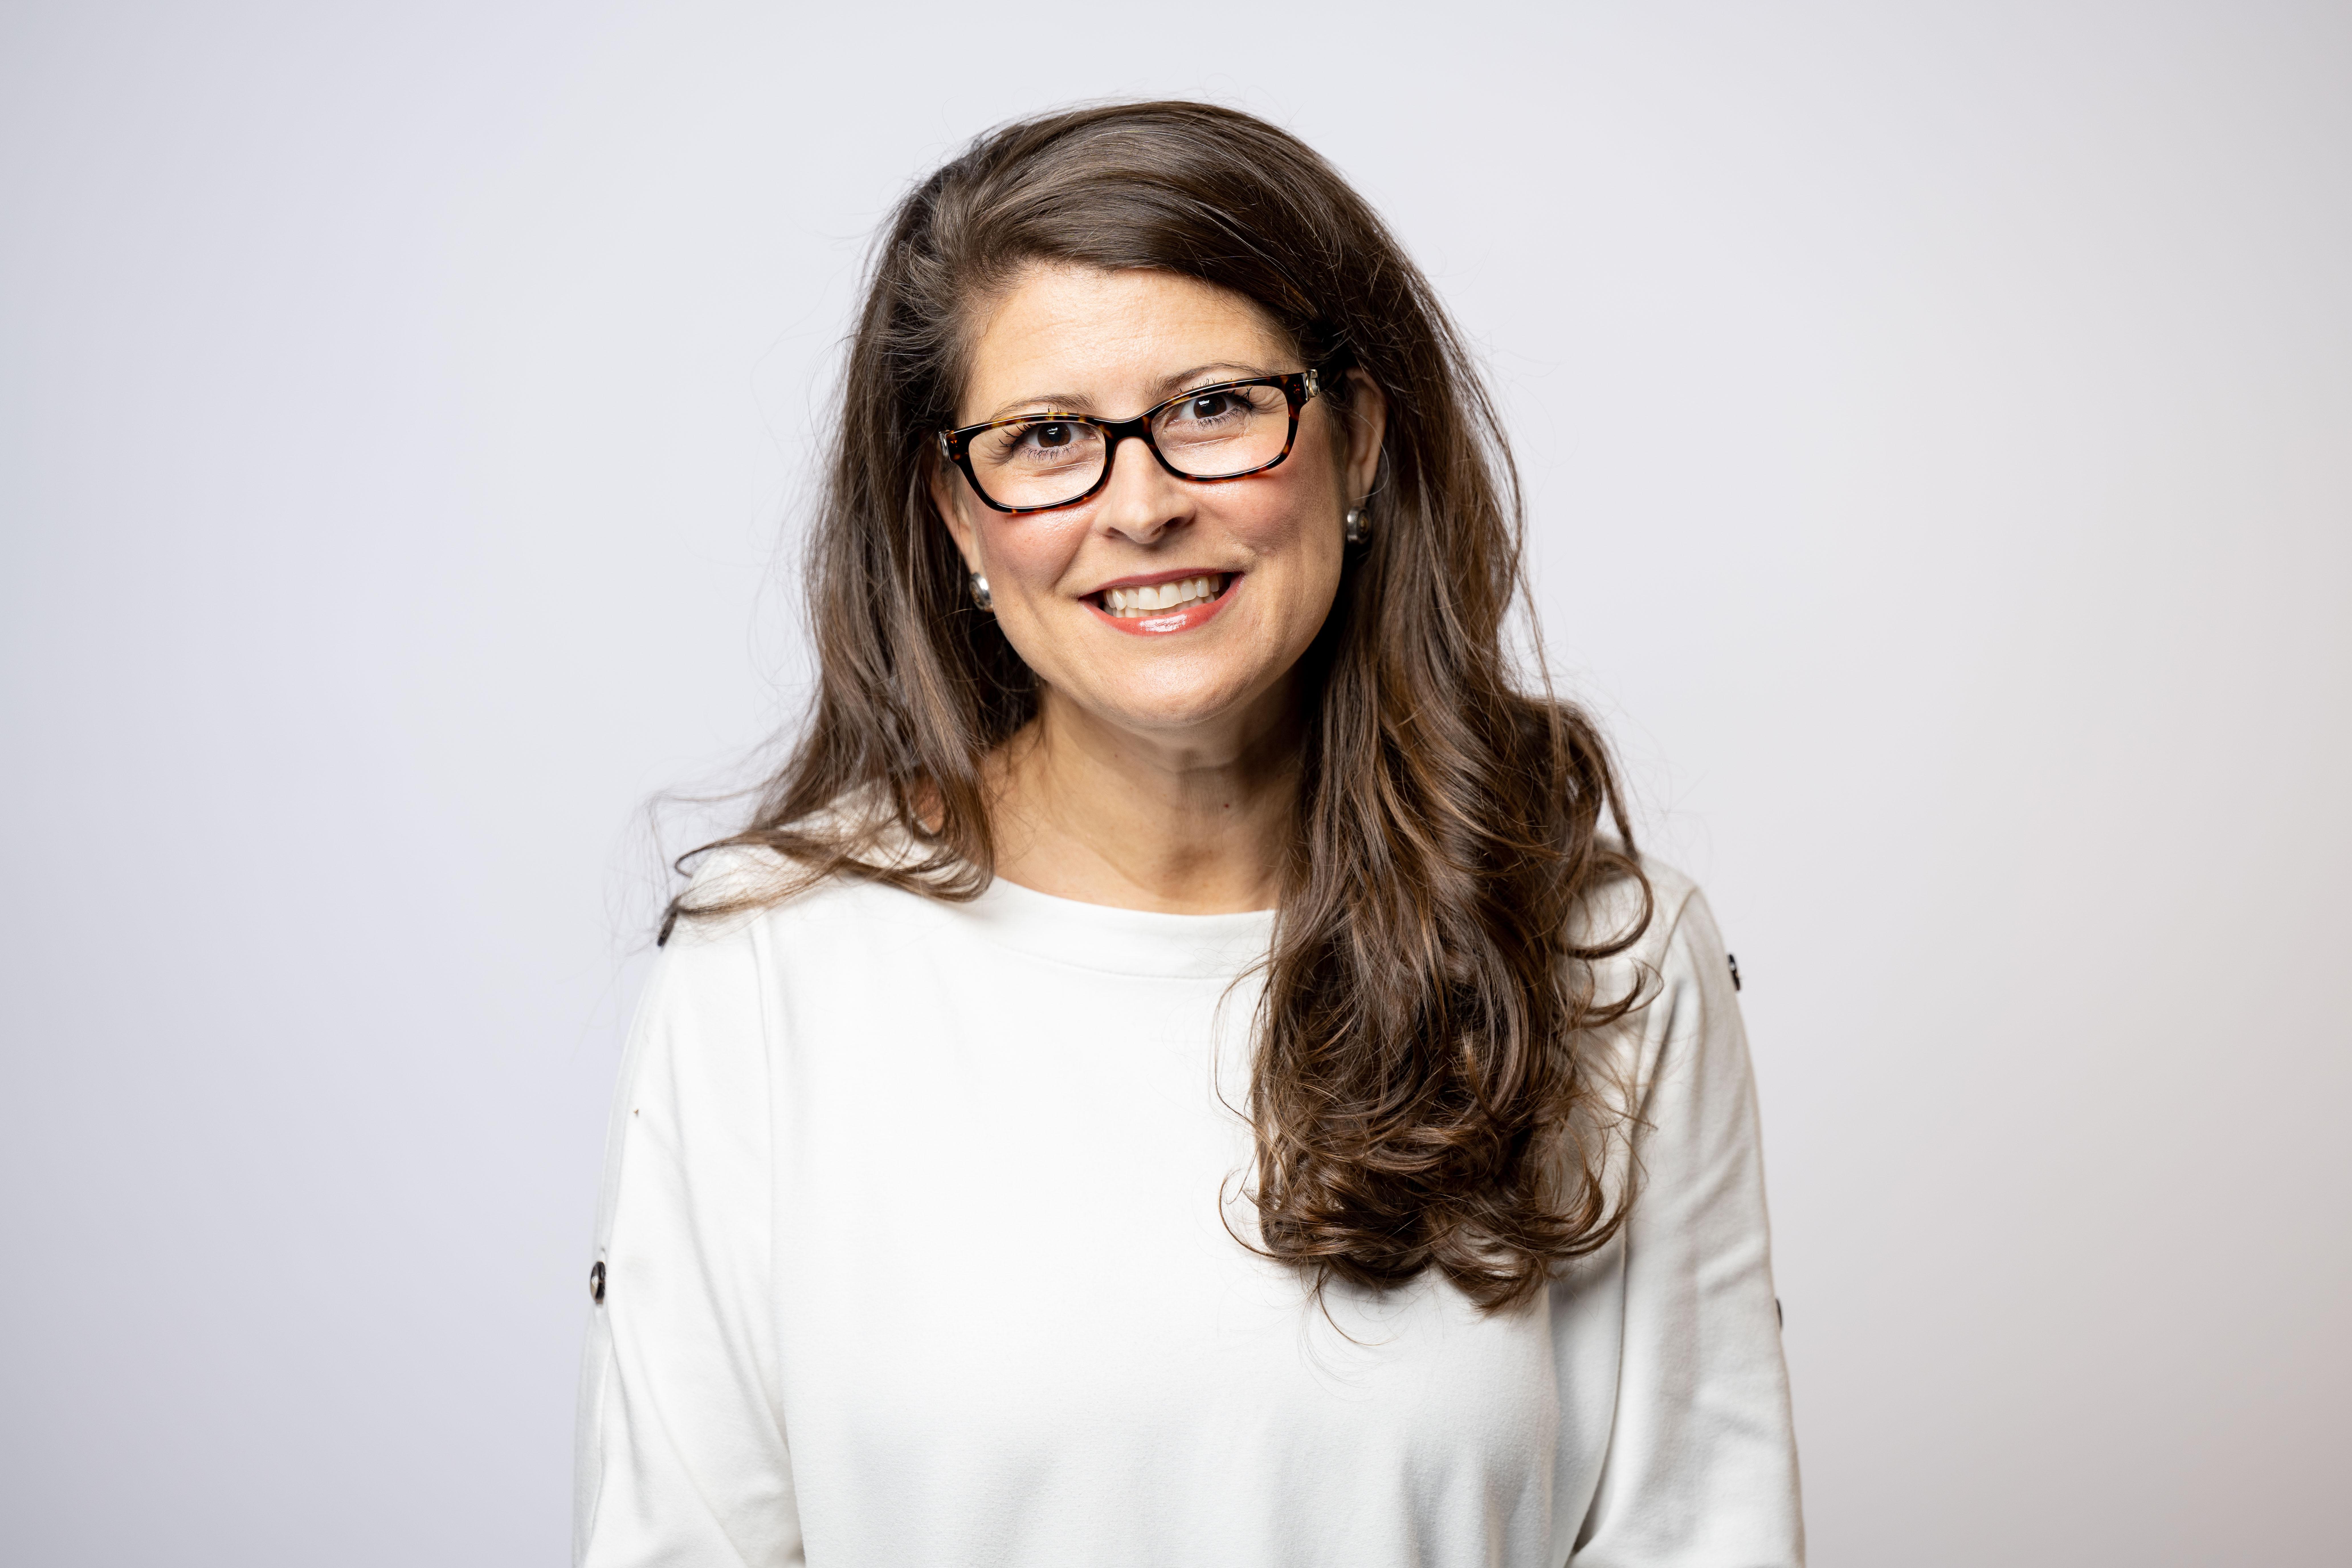 Sarah Lanier